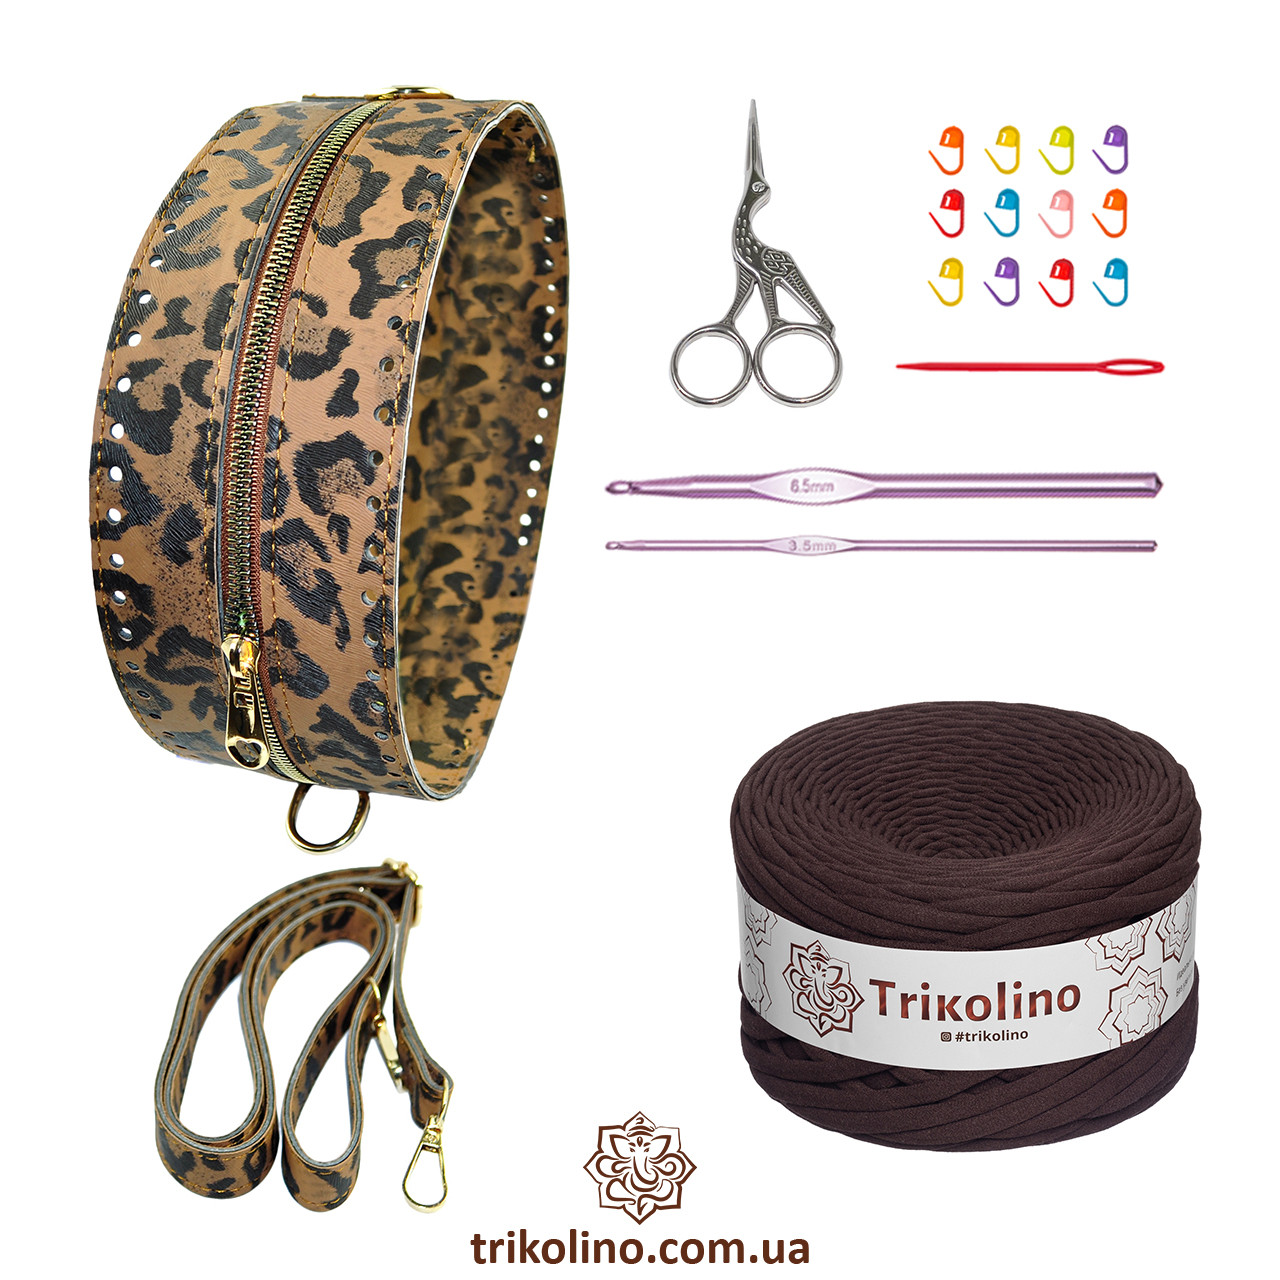 Набор для сумки Неаполь, цвет Тигровый (пряжа - Шоколад)